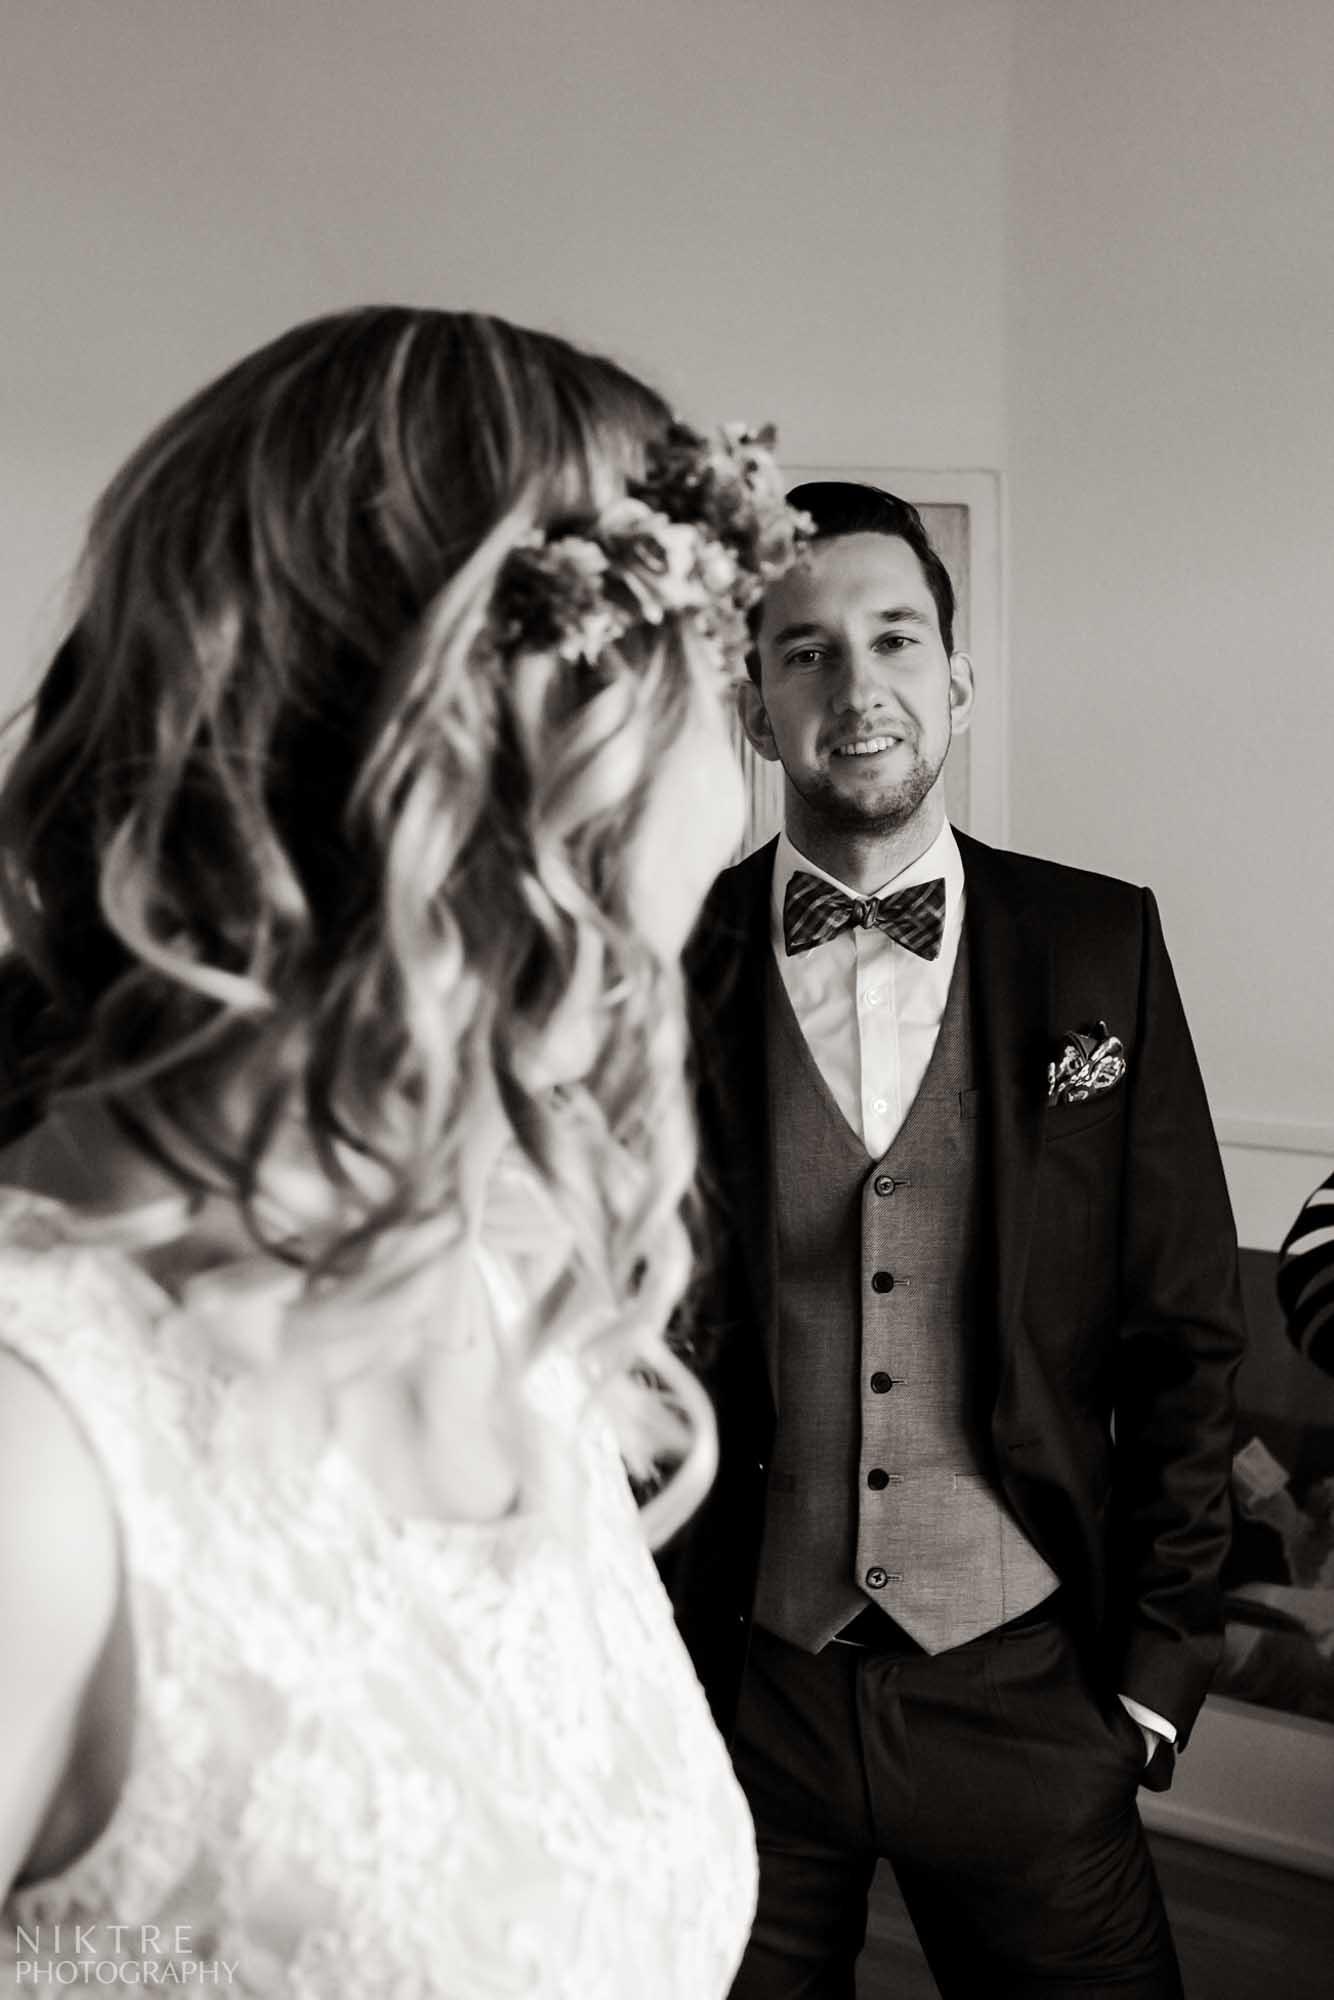 Momentaufnahme zeigt den Ersten Look vin der Hochzeit